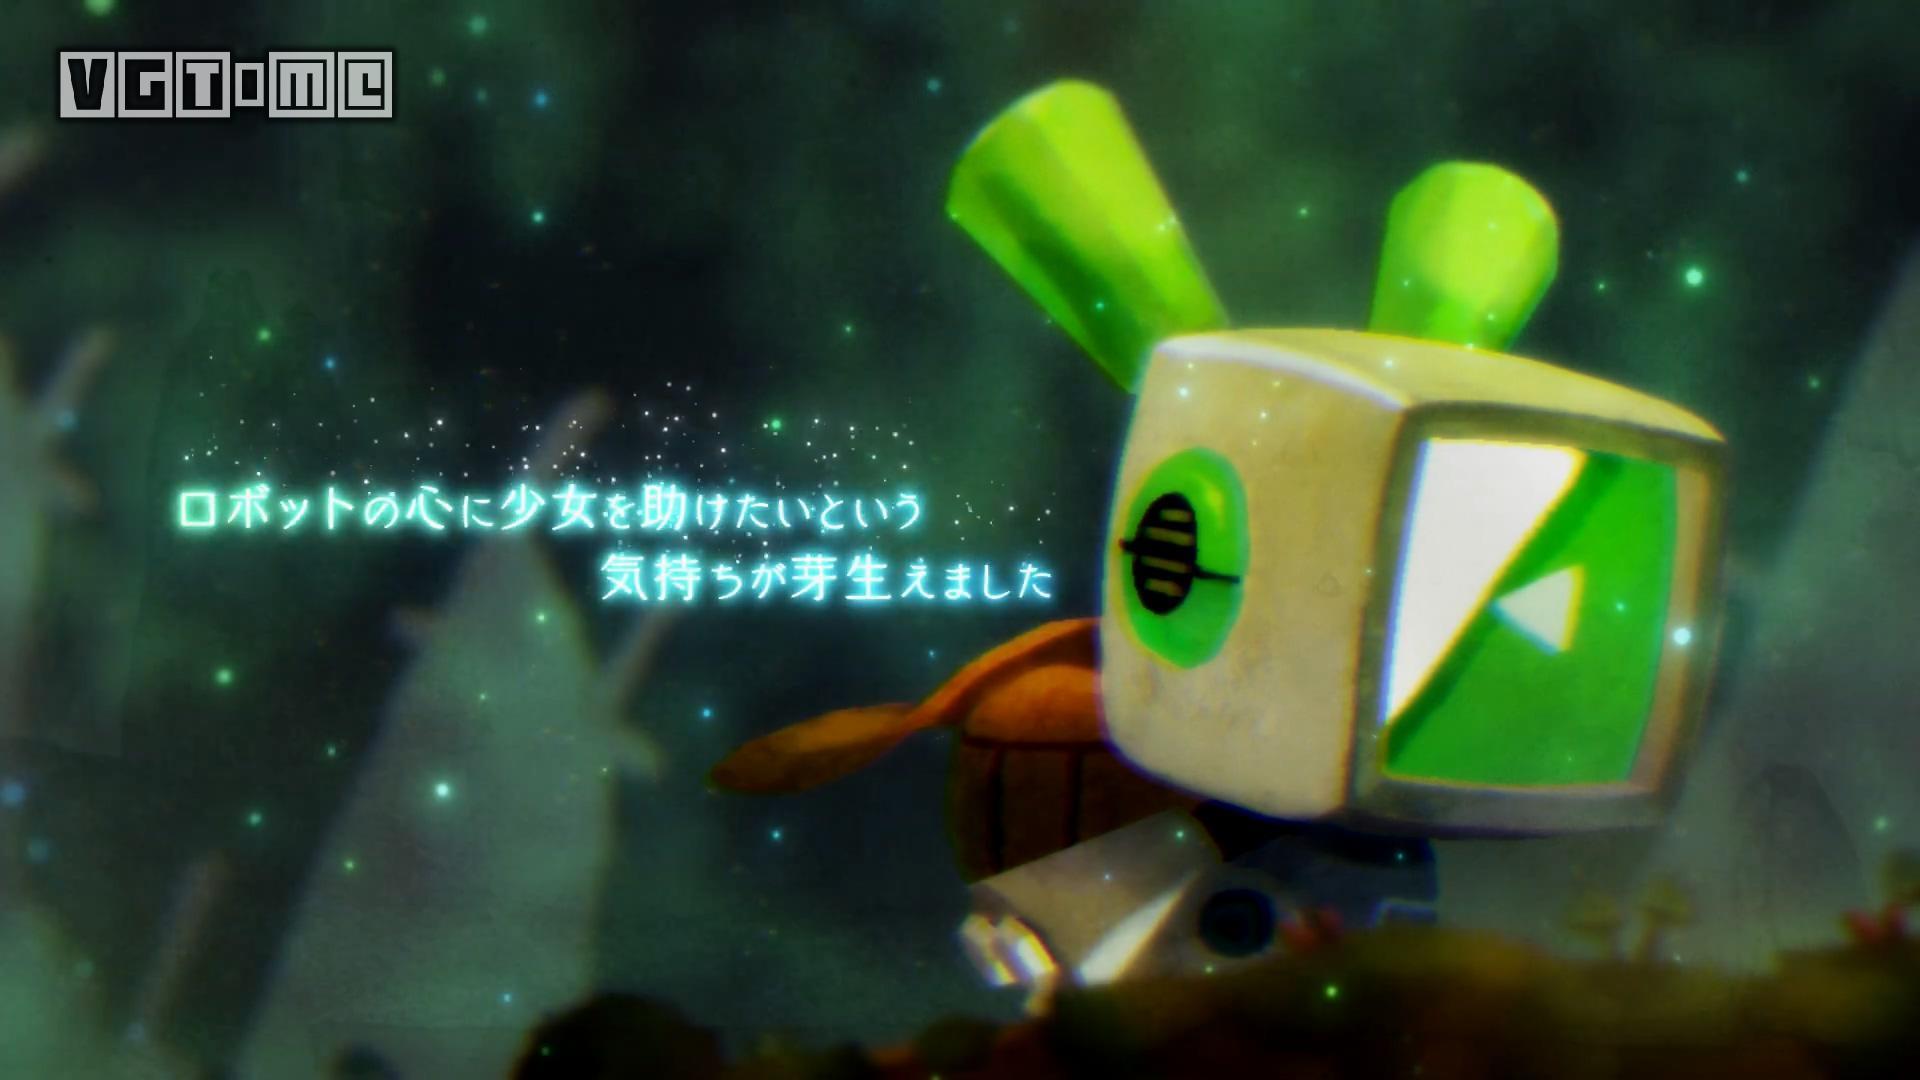 日本一新作《void tRrLM(); //ボイド・テラリウム》公布,饲养箱中少女